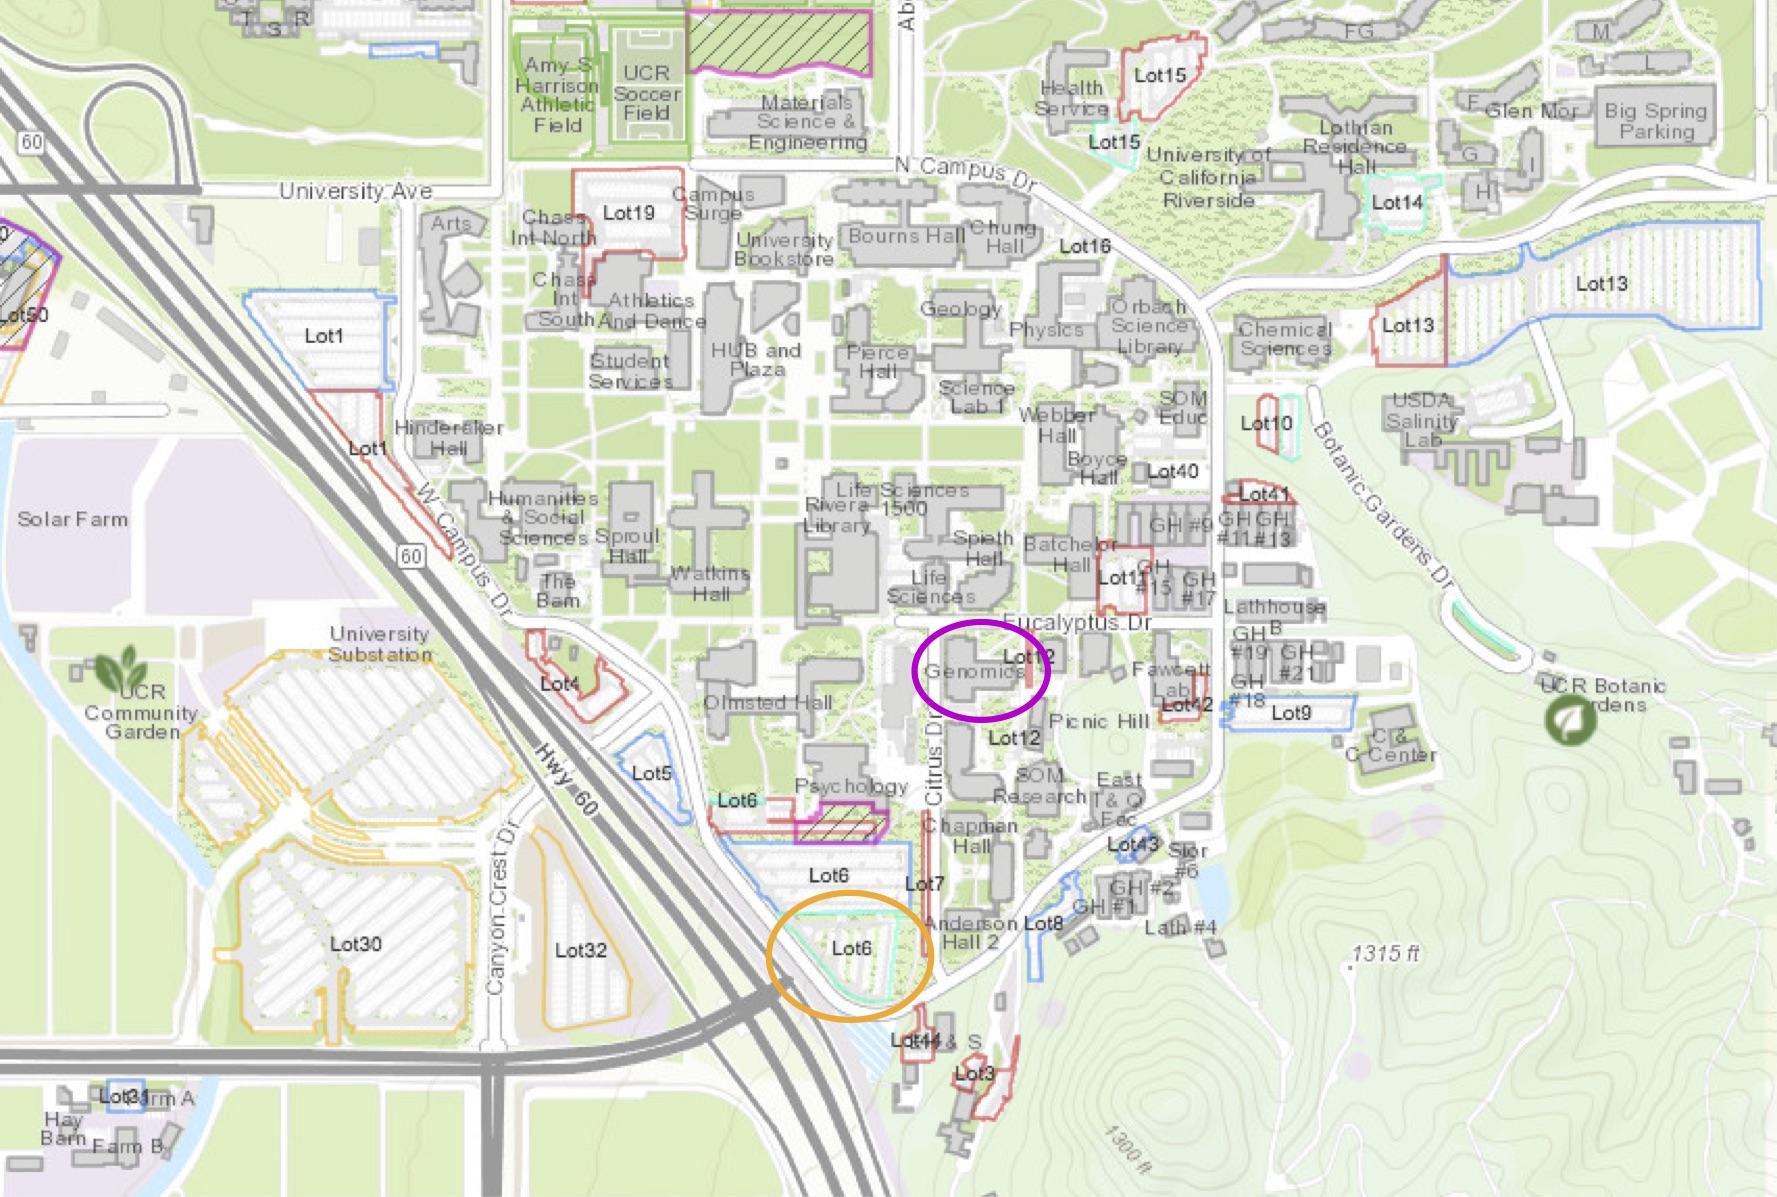 campusmap-tiff_1